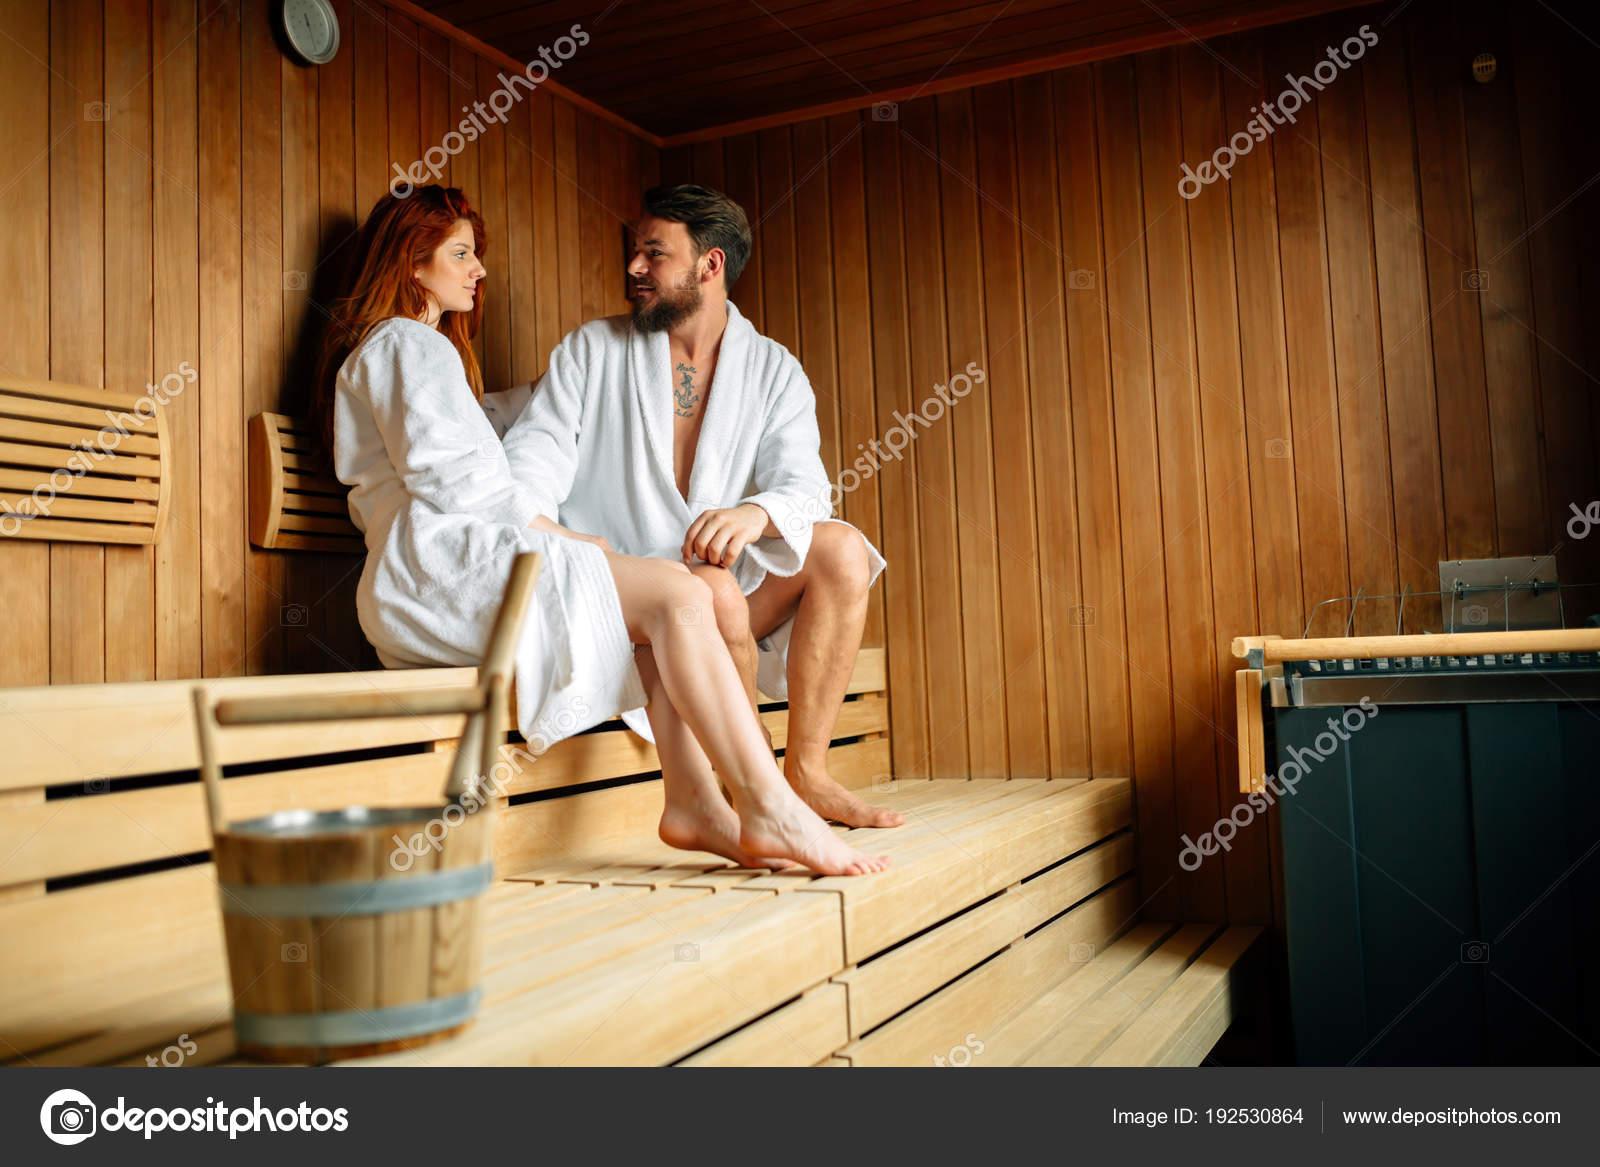 Фото русские семейные пары в бане, Наш семейный поход в баню (16 фото) 20 фотография